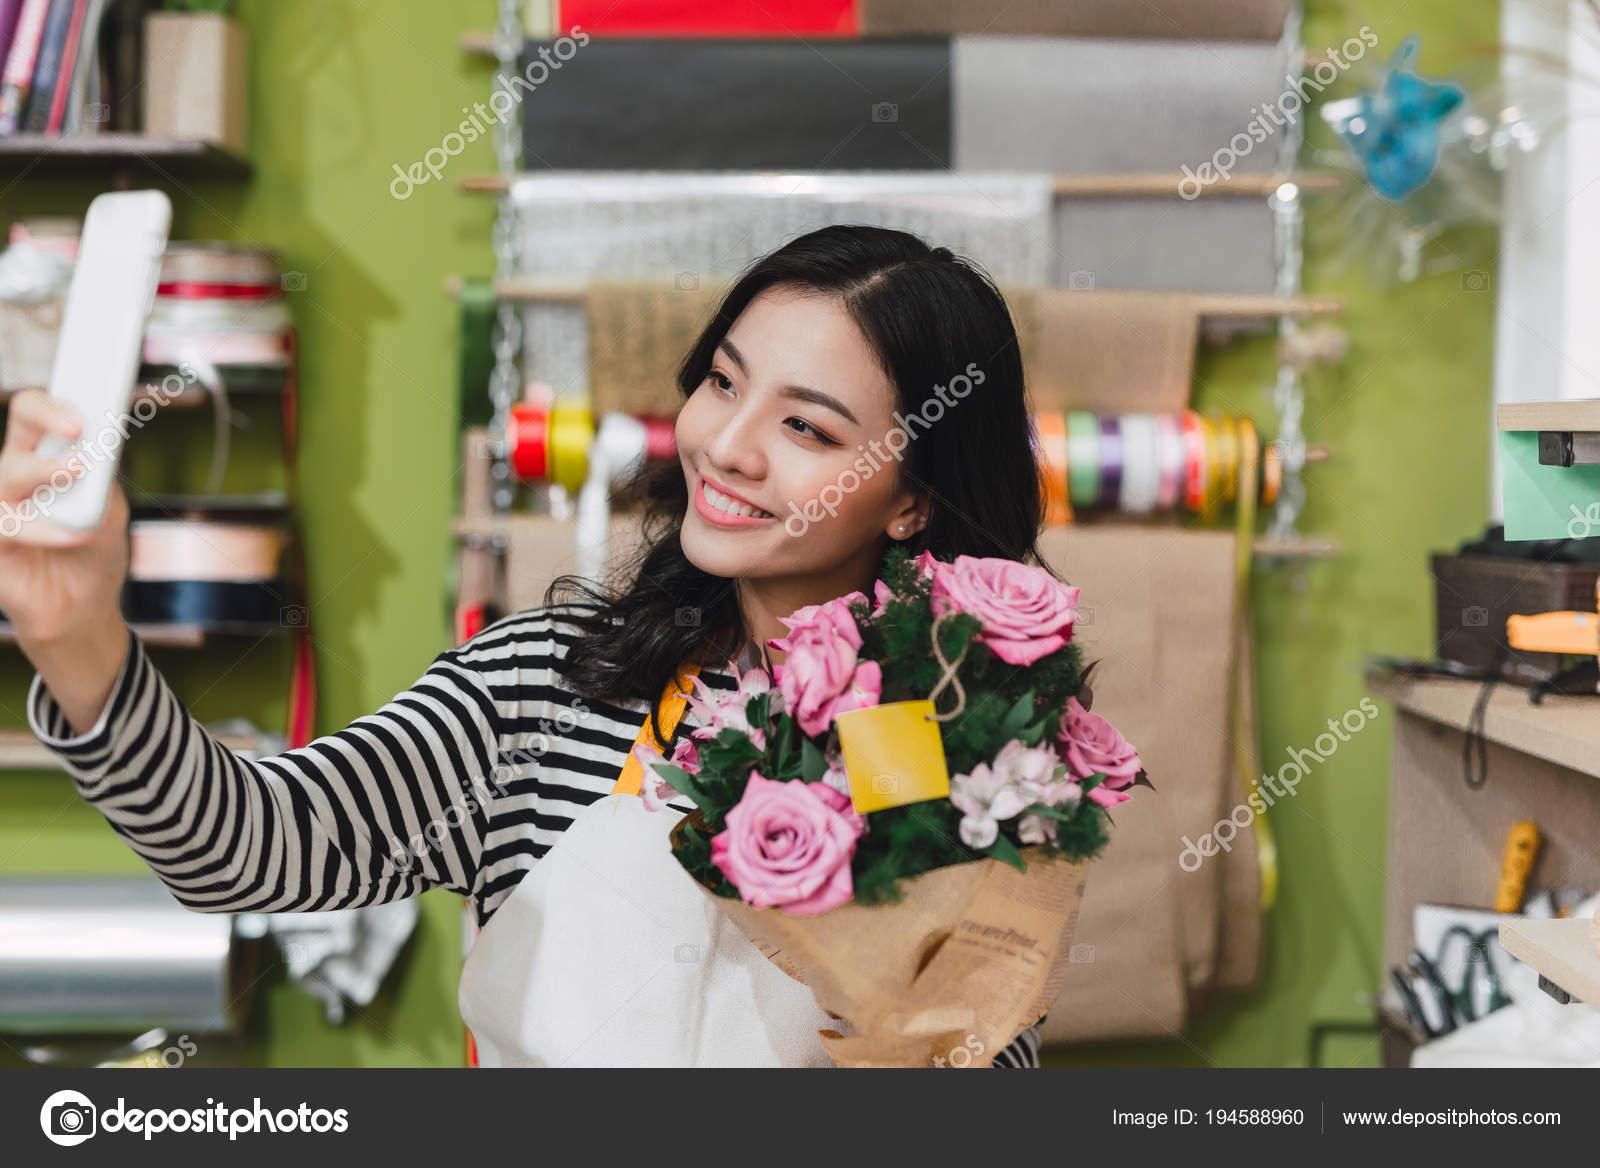 Obraz azjatyckich płci